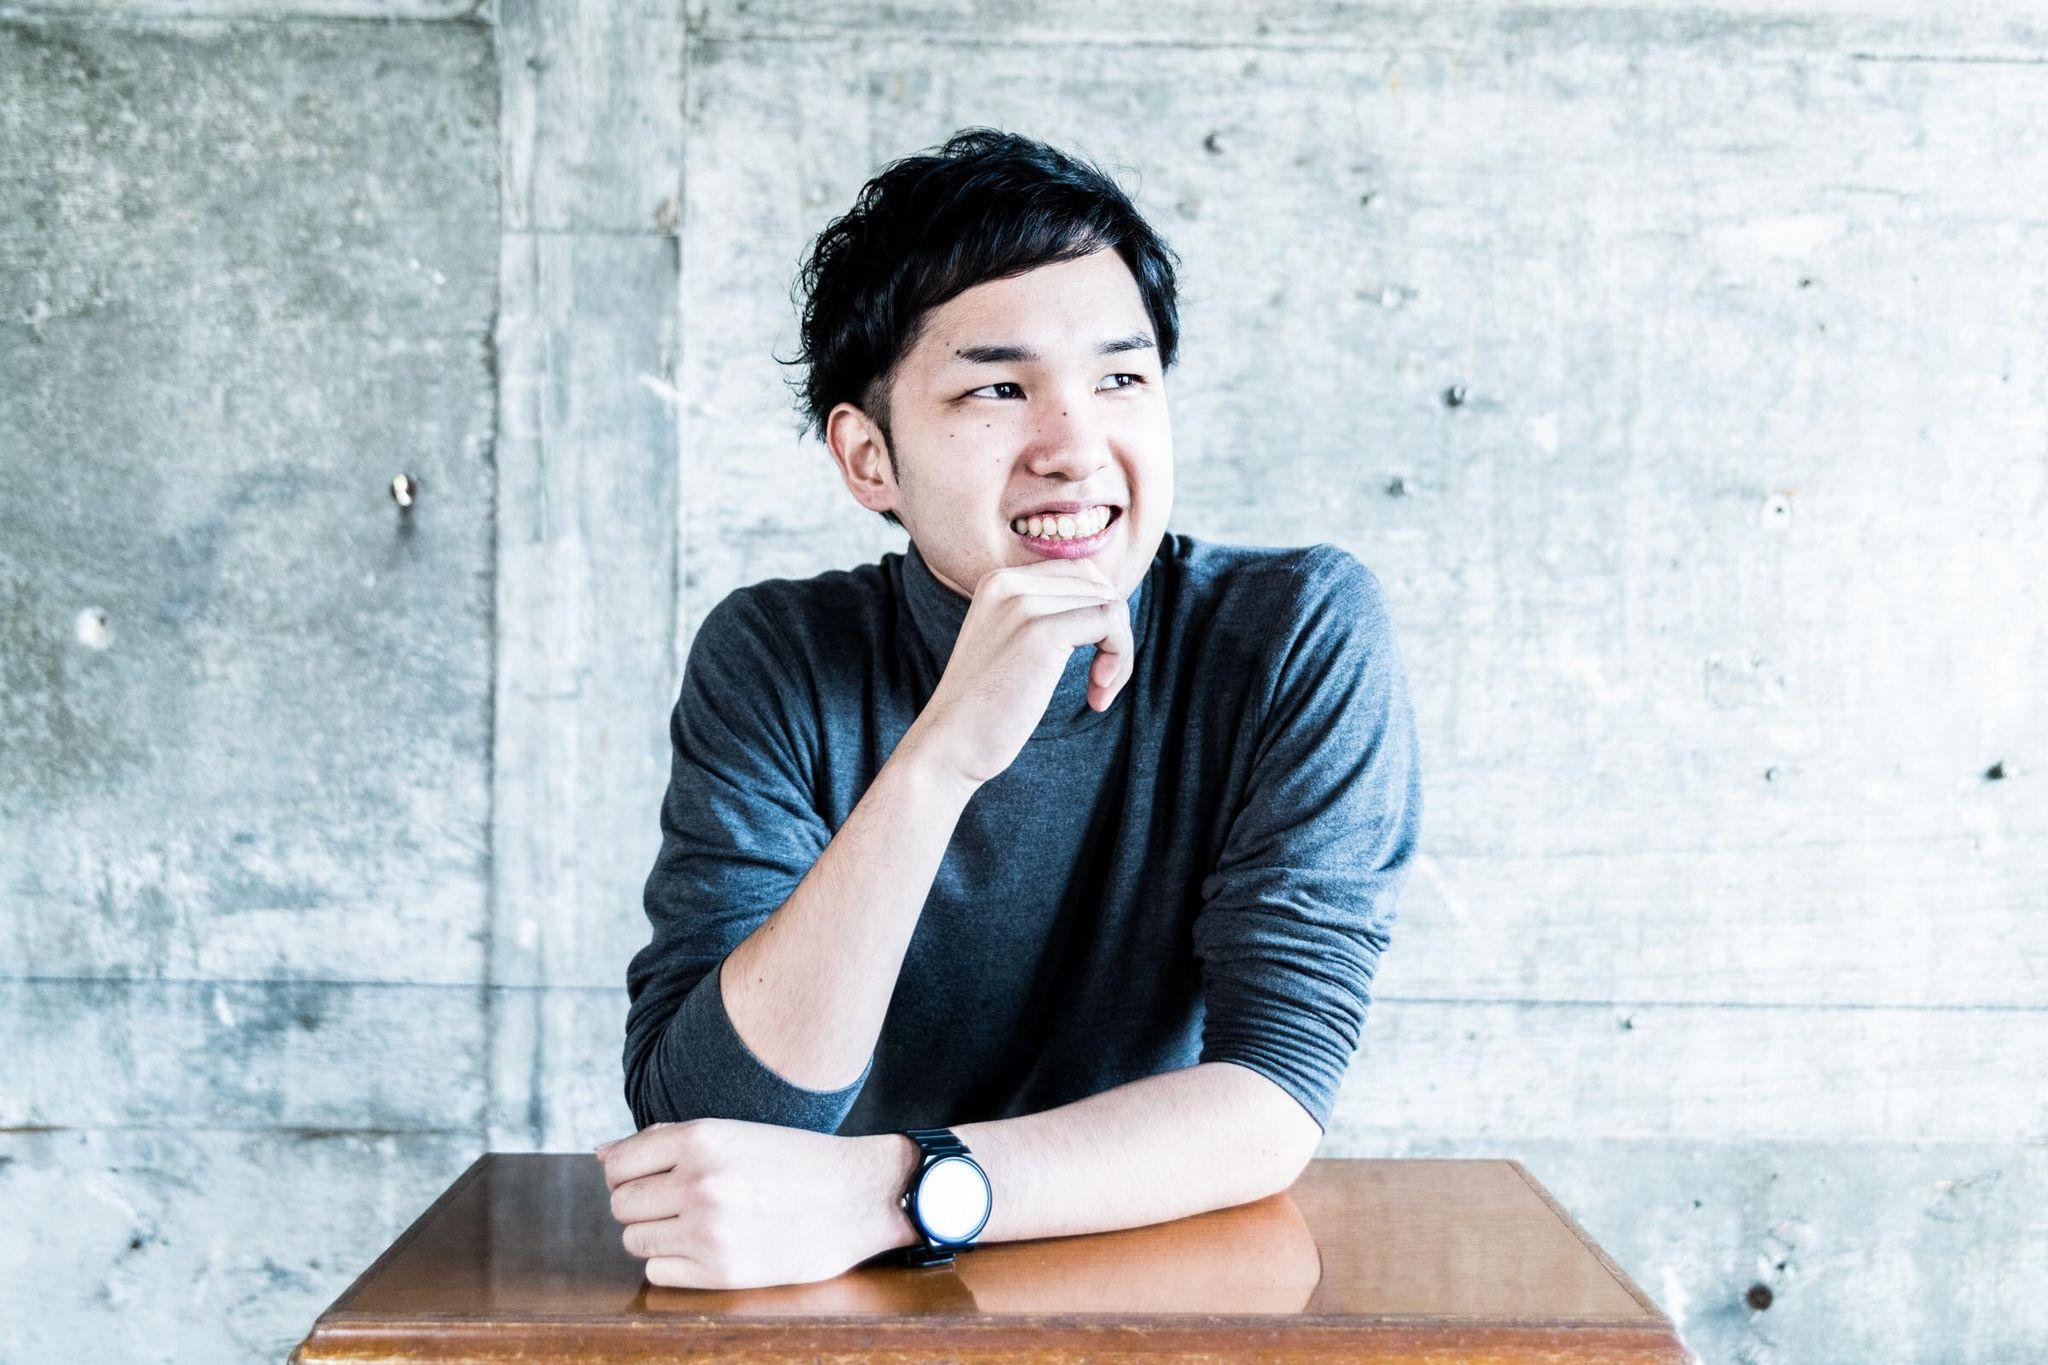 アーティスト Tomoki Nishino